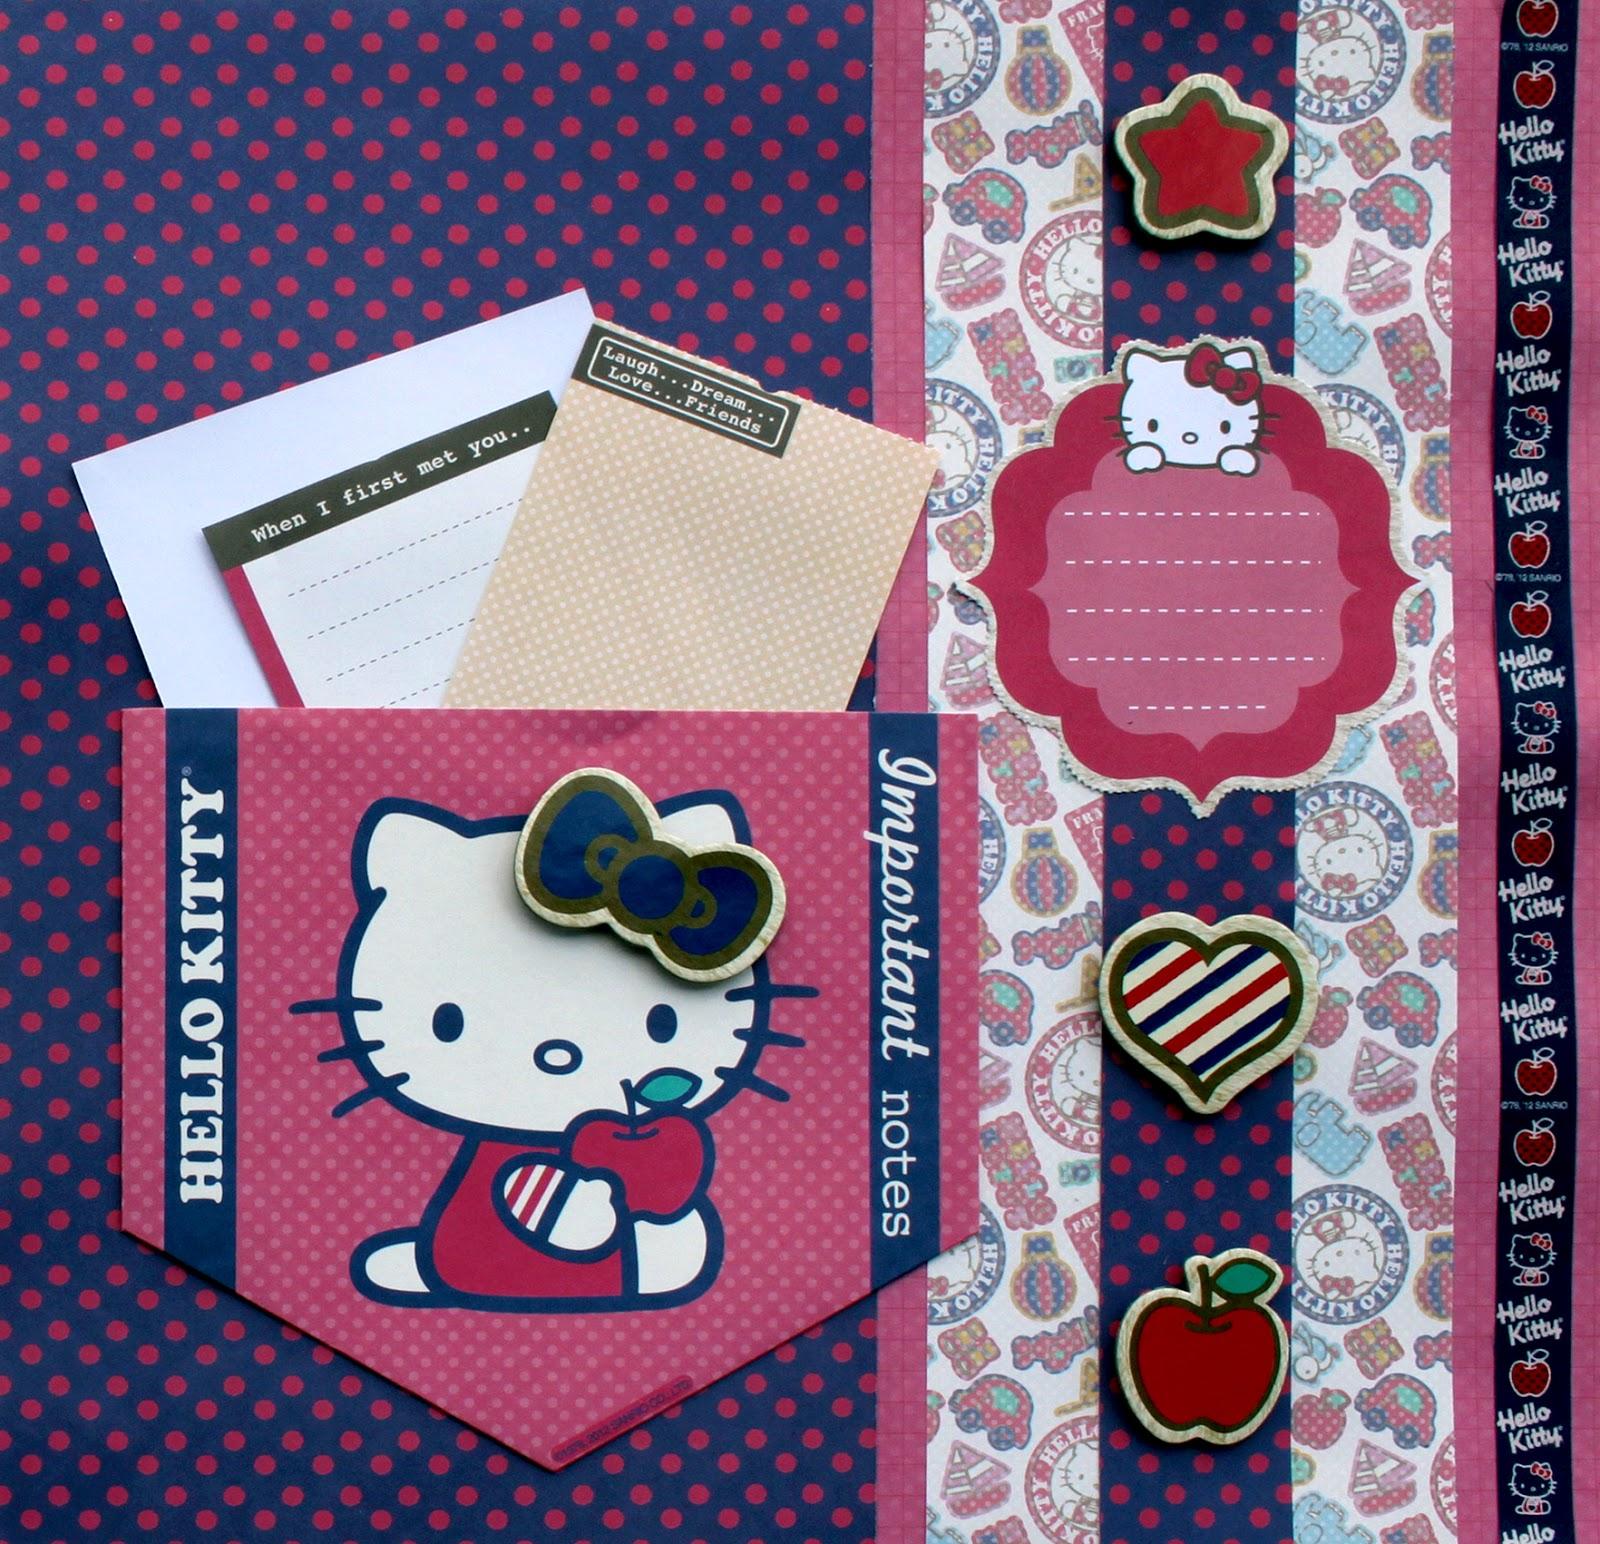 Scrapbook ideas hello kitty - Scrapbook Ideas Hello Kitty 7